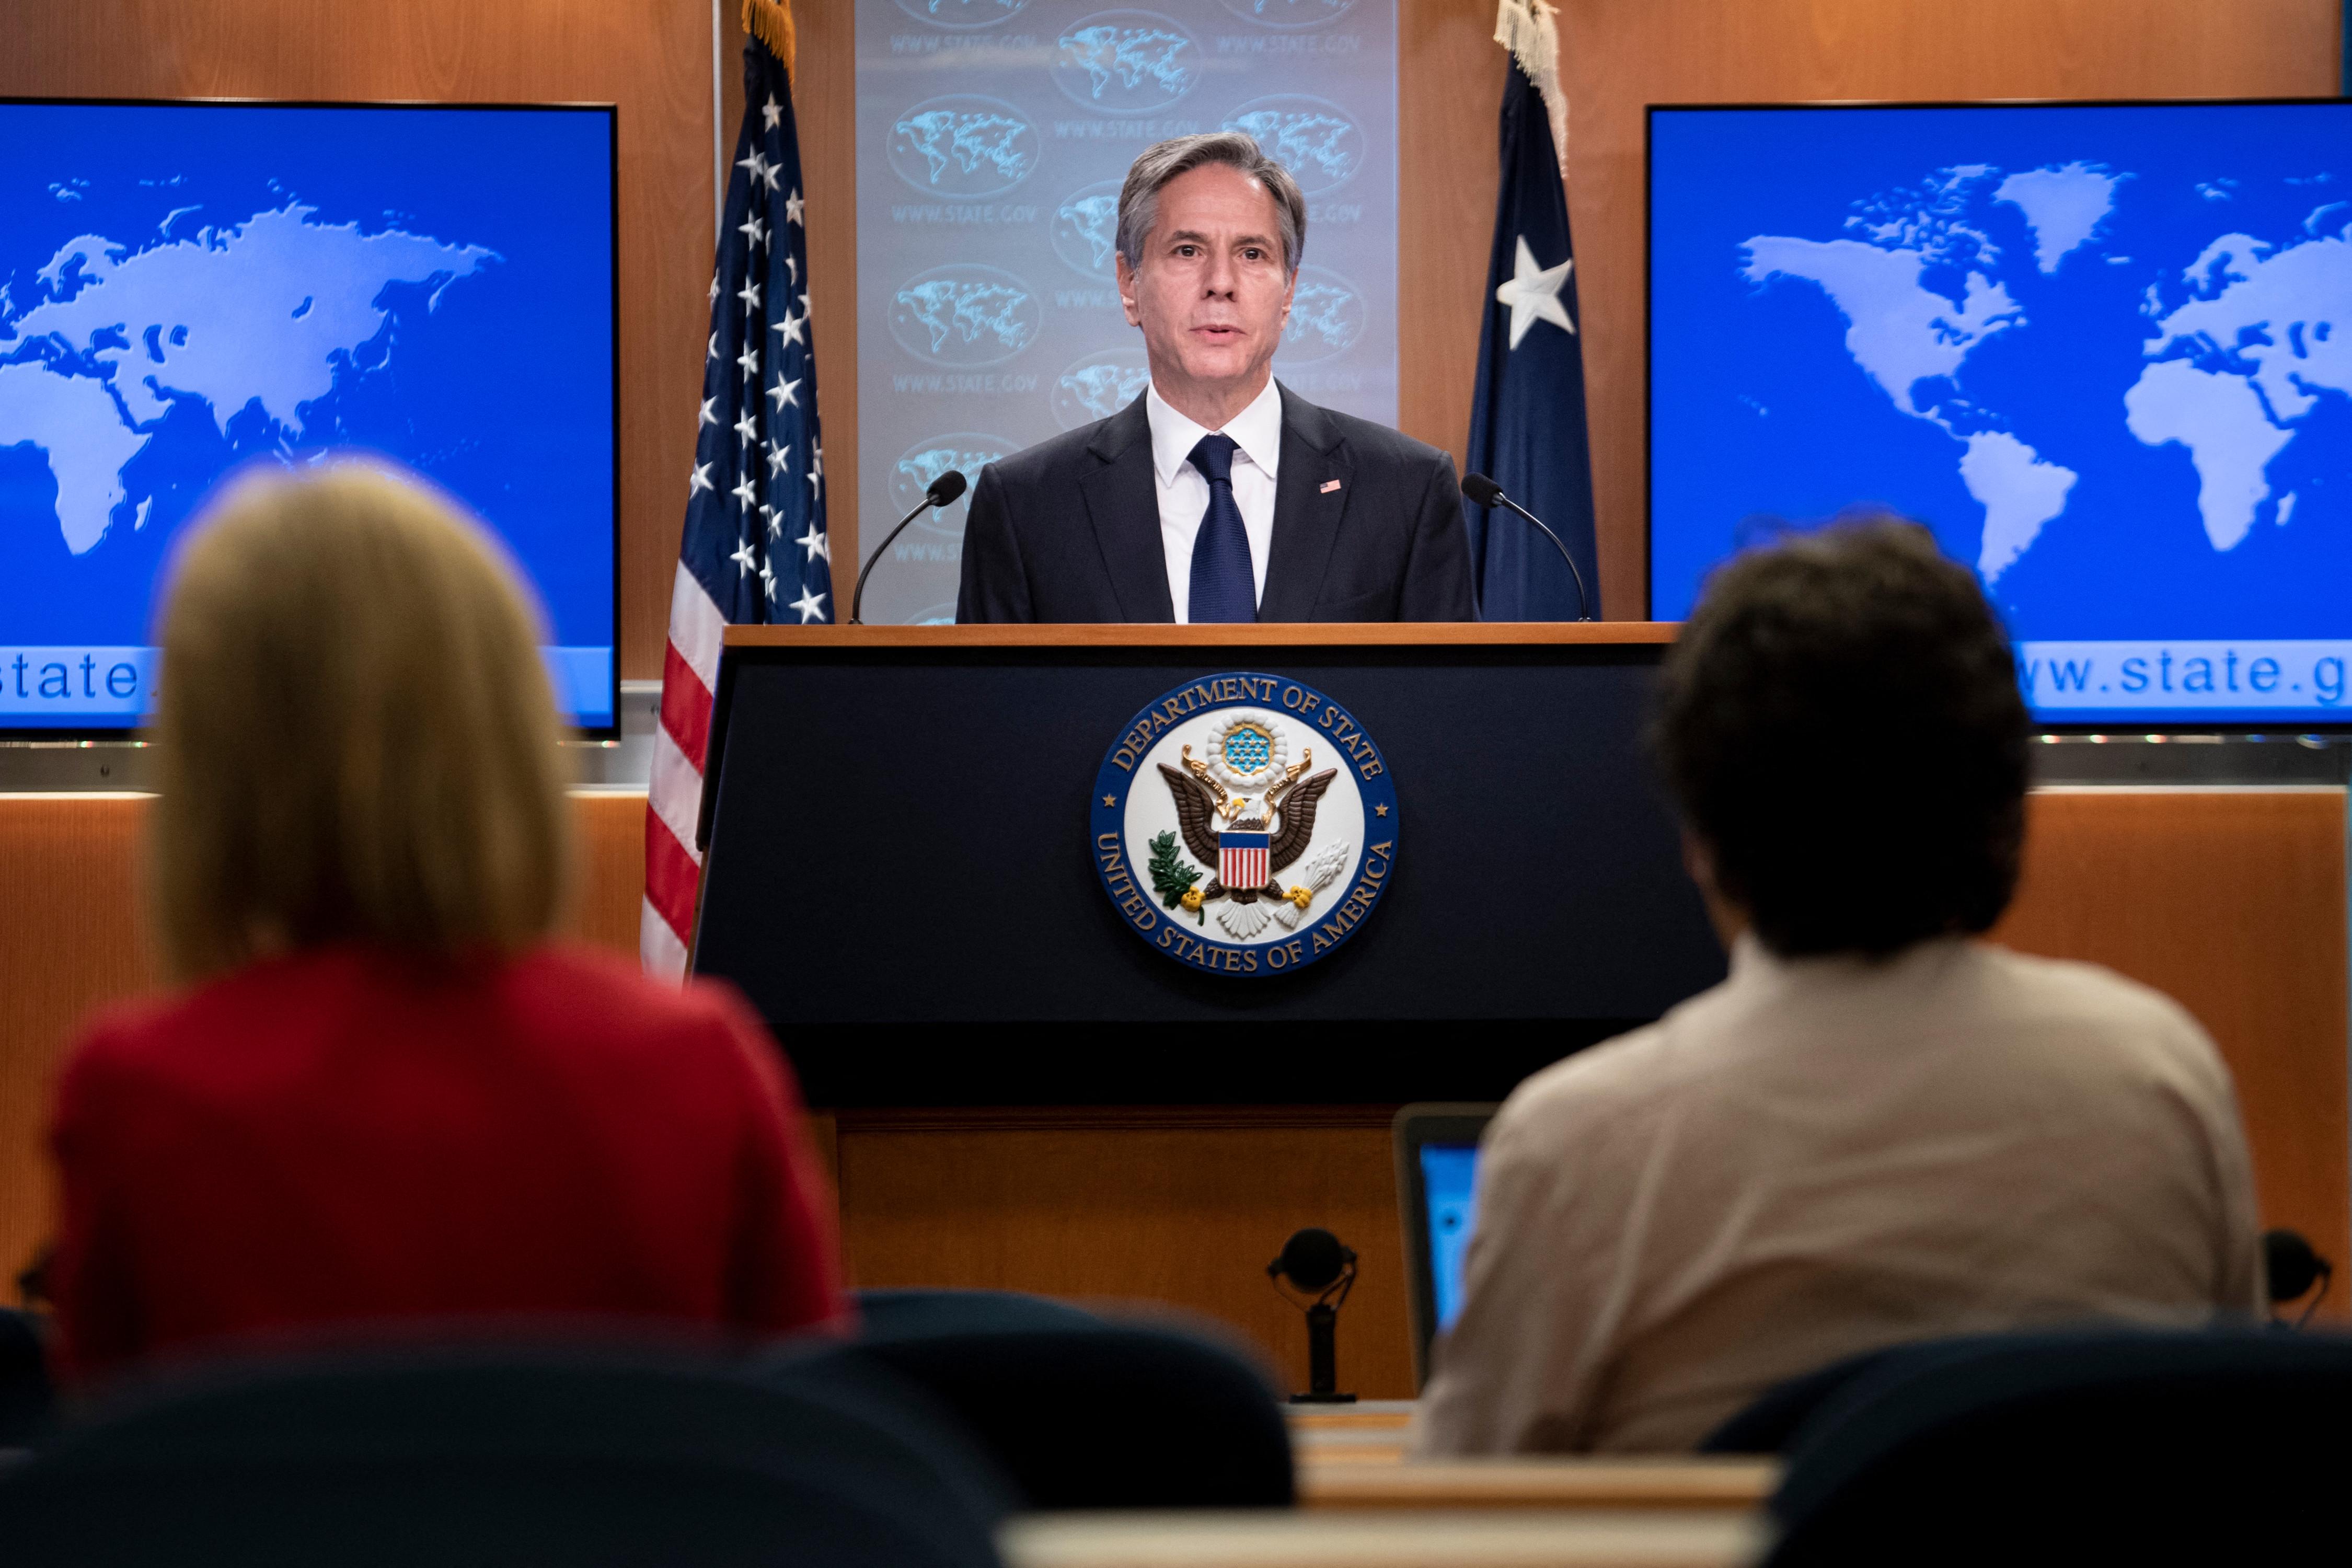 El secretario de Estado de EE. UU., Antony Blinken, habla sobre los programas de refugiados para afganos que ayudaron a los EE. UU. Durante una sesión informativa en el Departamento de Estado el 2 de agosto de 2021 en Washington, DC.